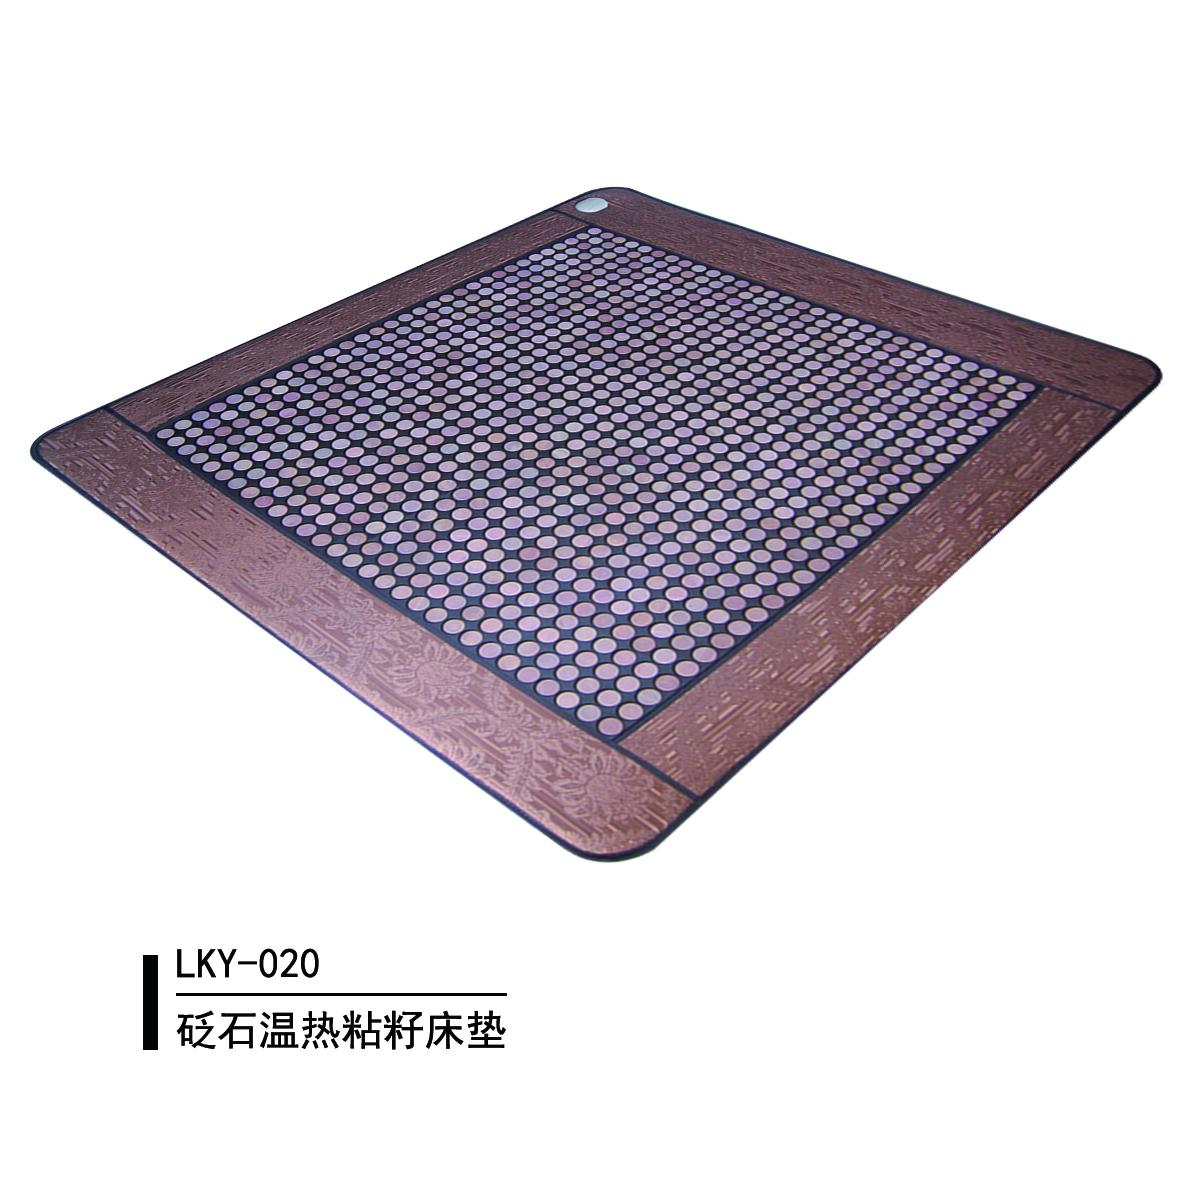 温热粘籽砭石床垫020